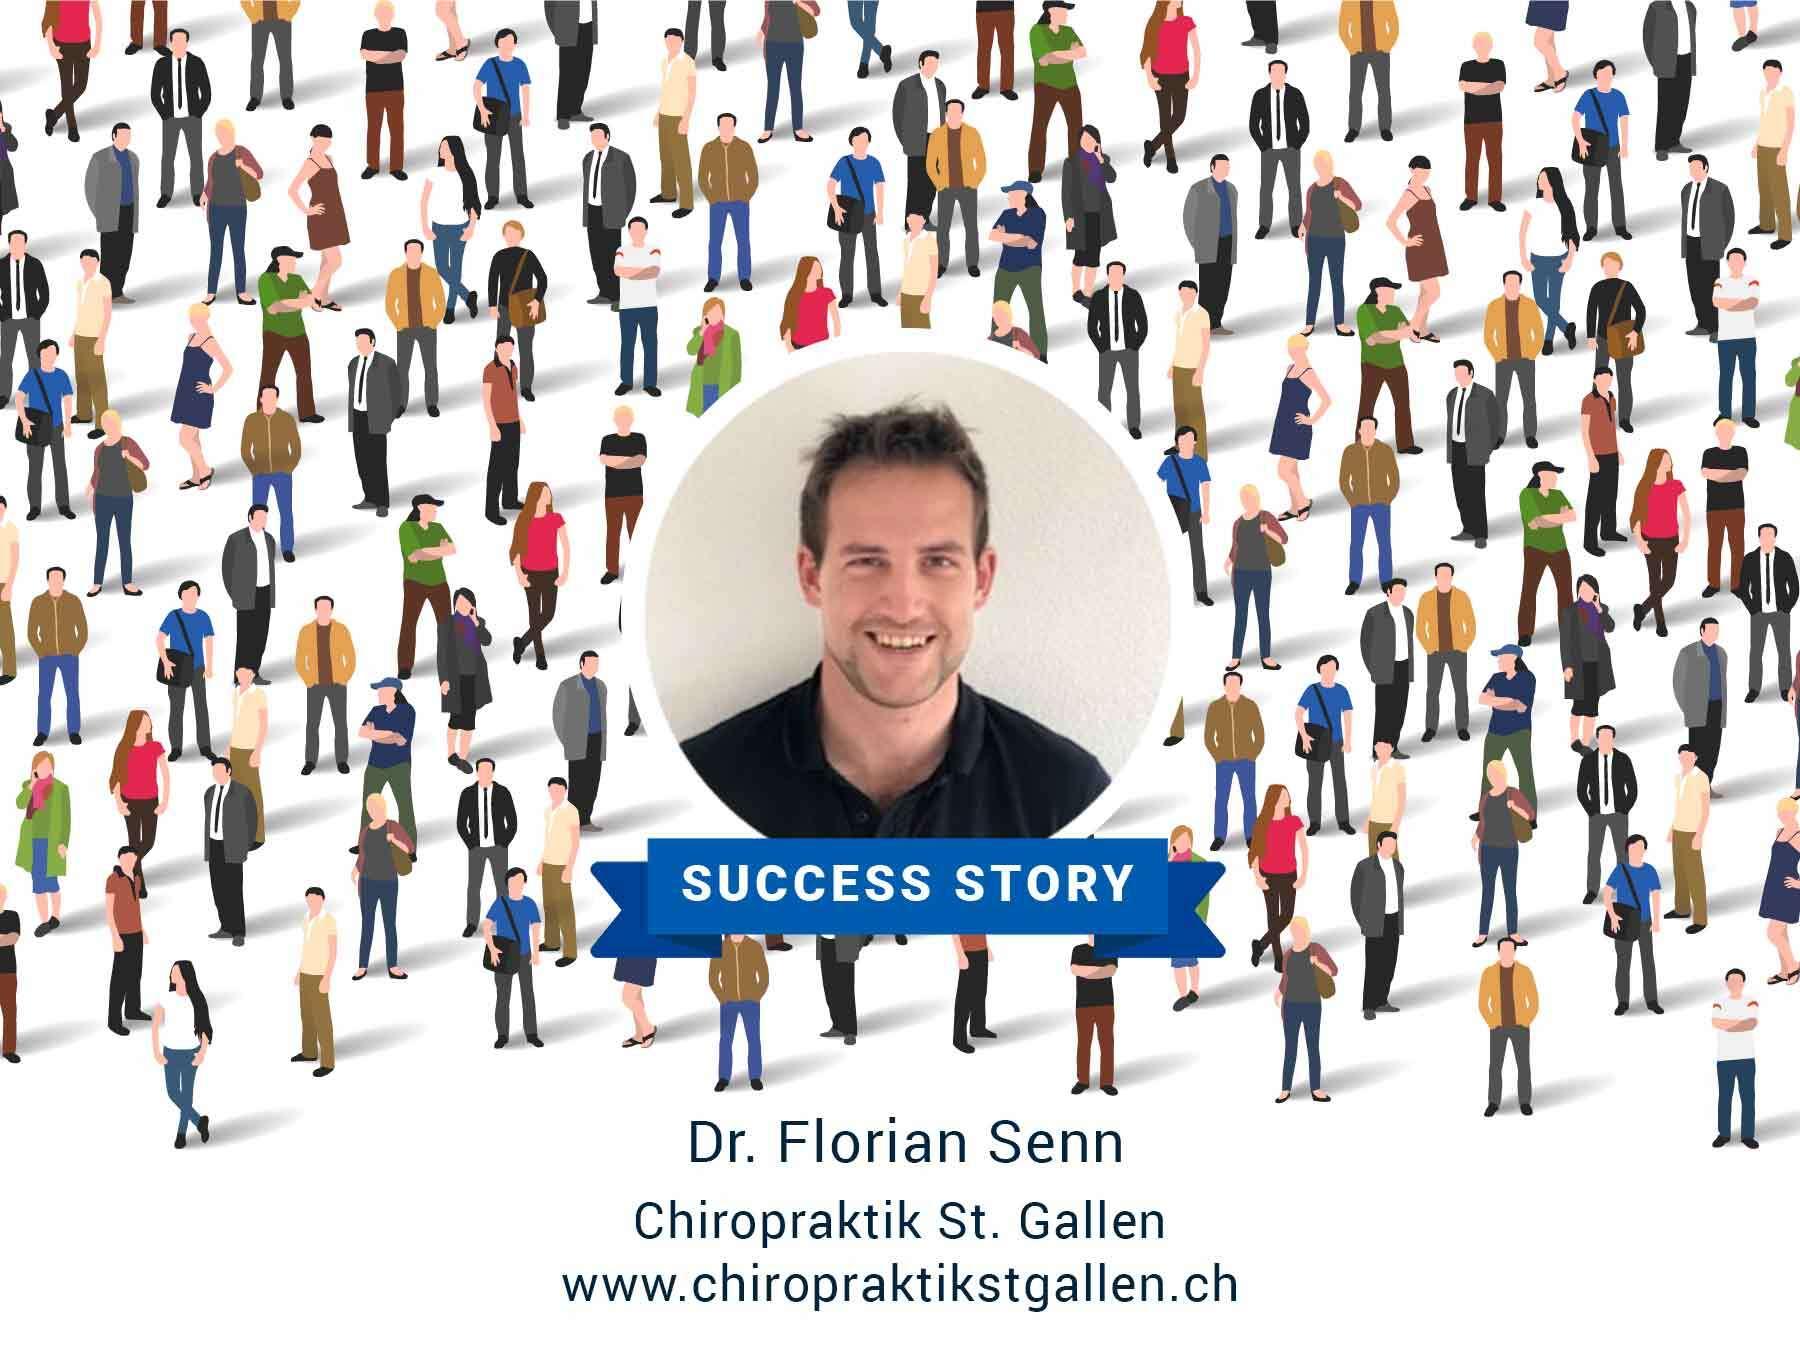 Dr. Florian Senn und die Erfolgsgeschichte derChiropraktik St. Gallen